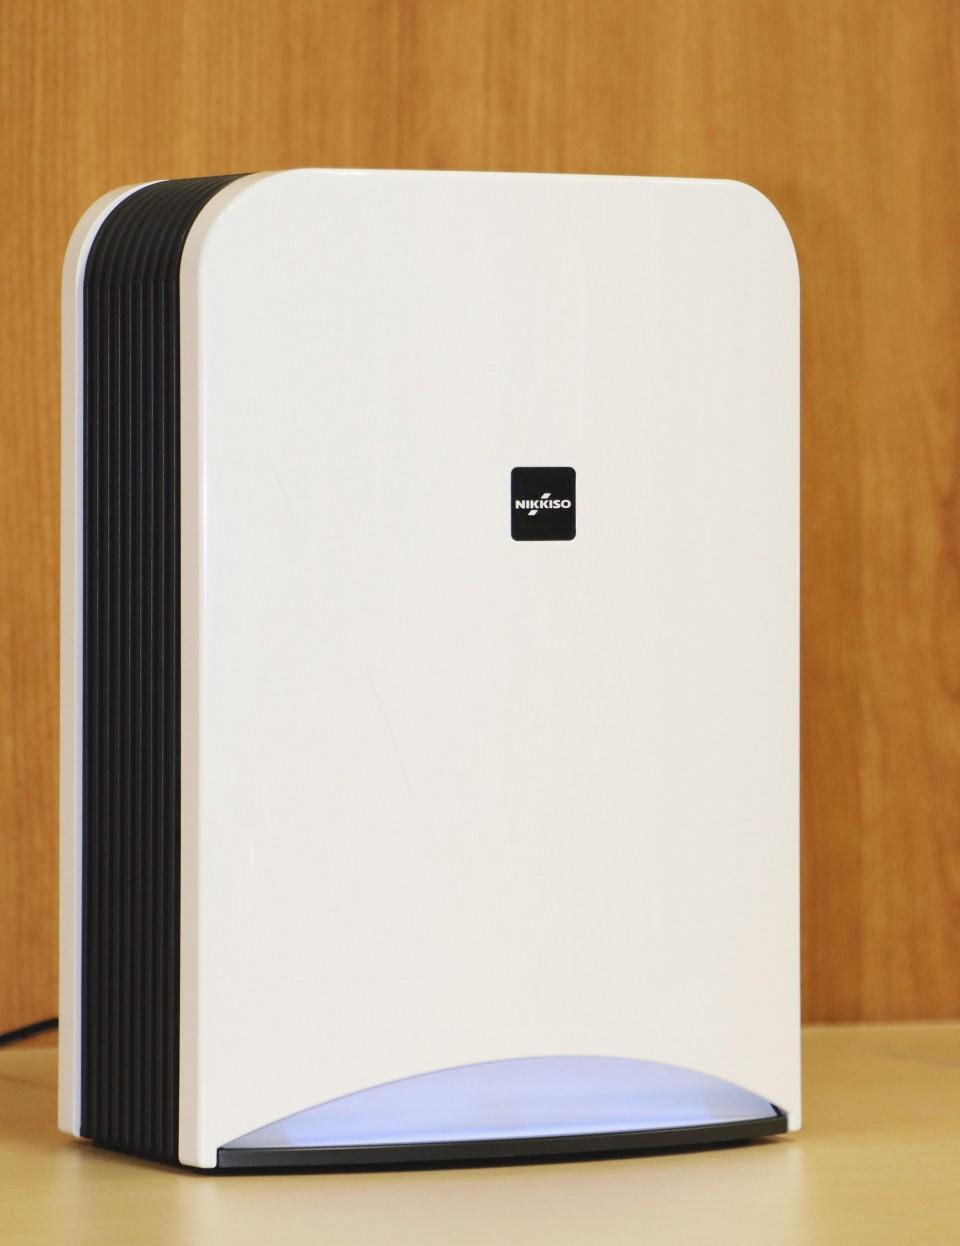 جهاز تنقية الهواء الذي طورته الشركة | عبر شركة نيكّيسو و وكالة كيودو